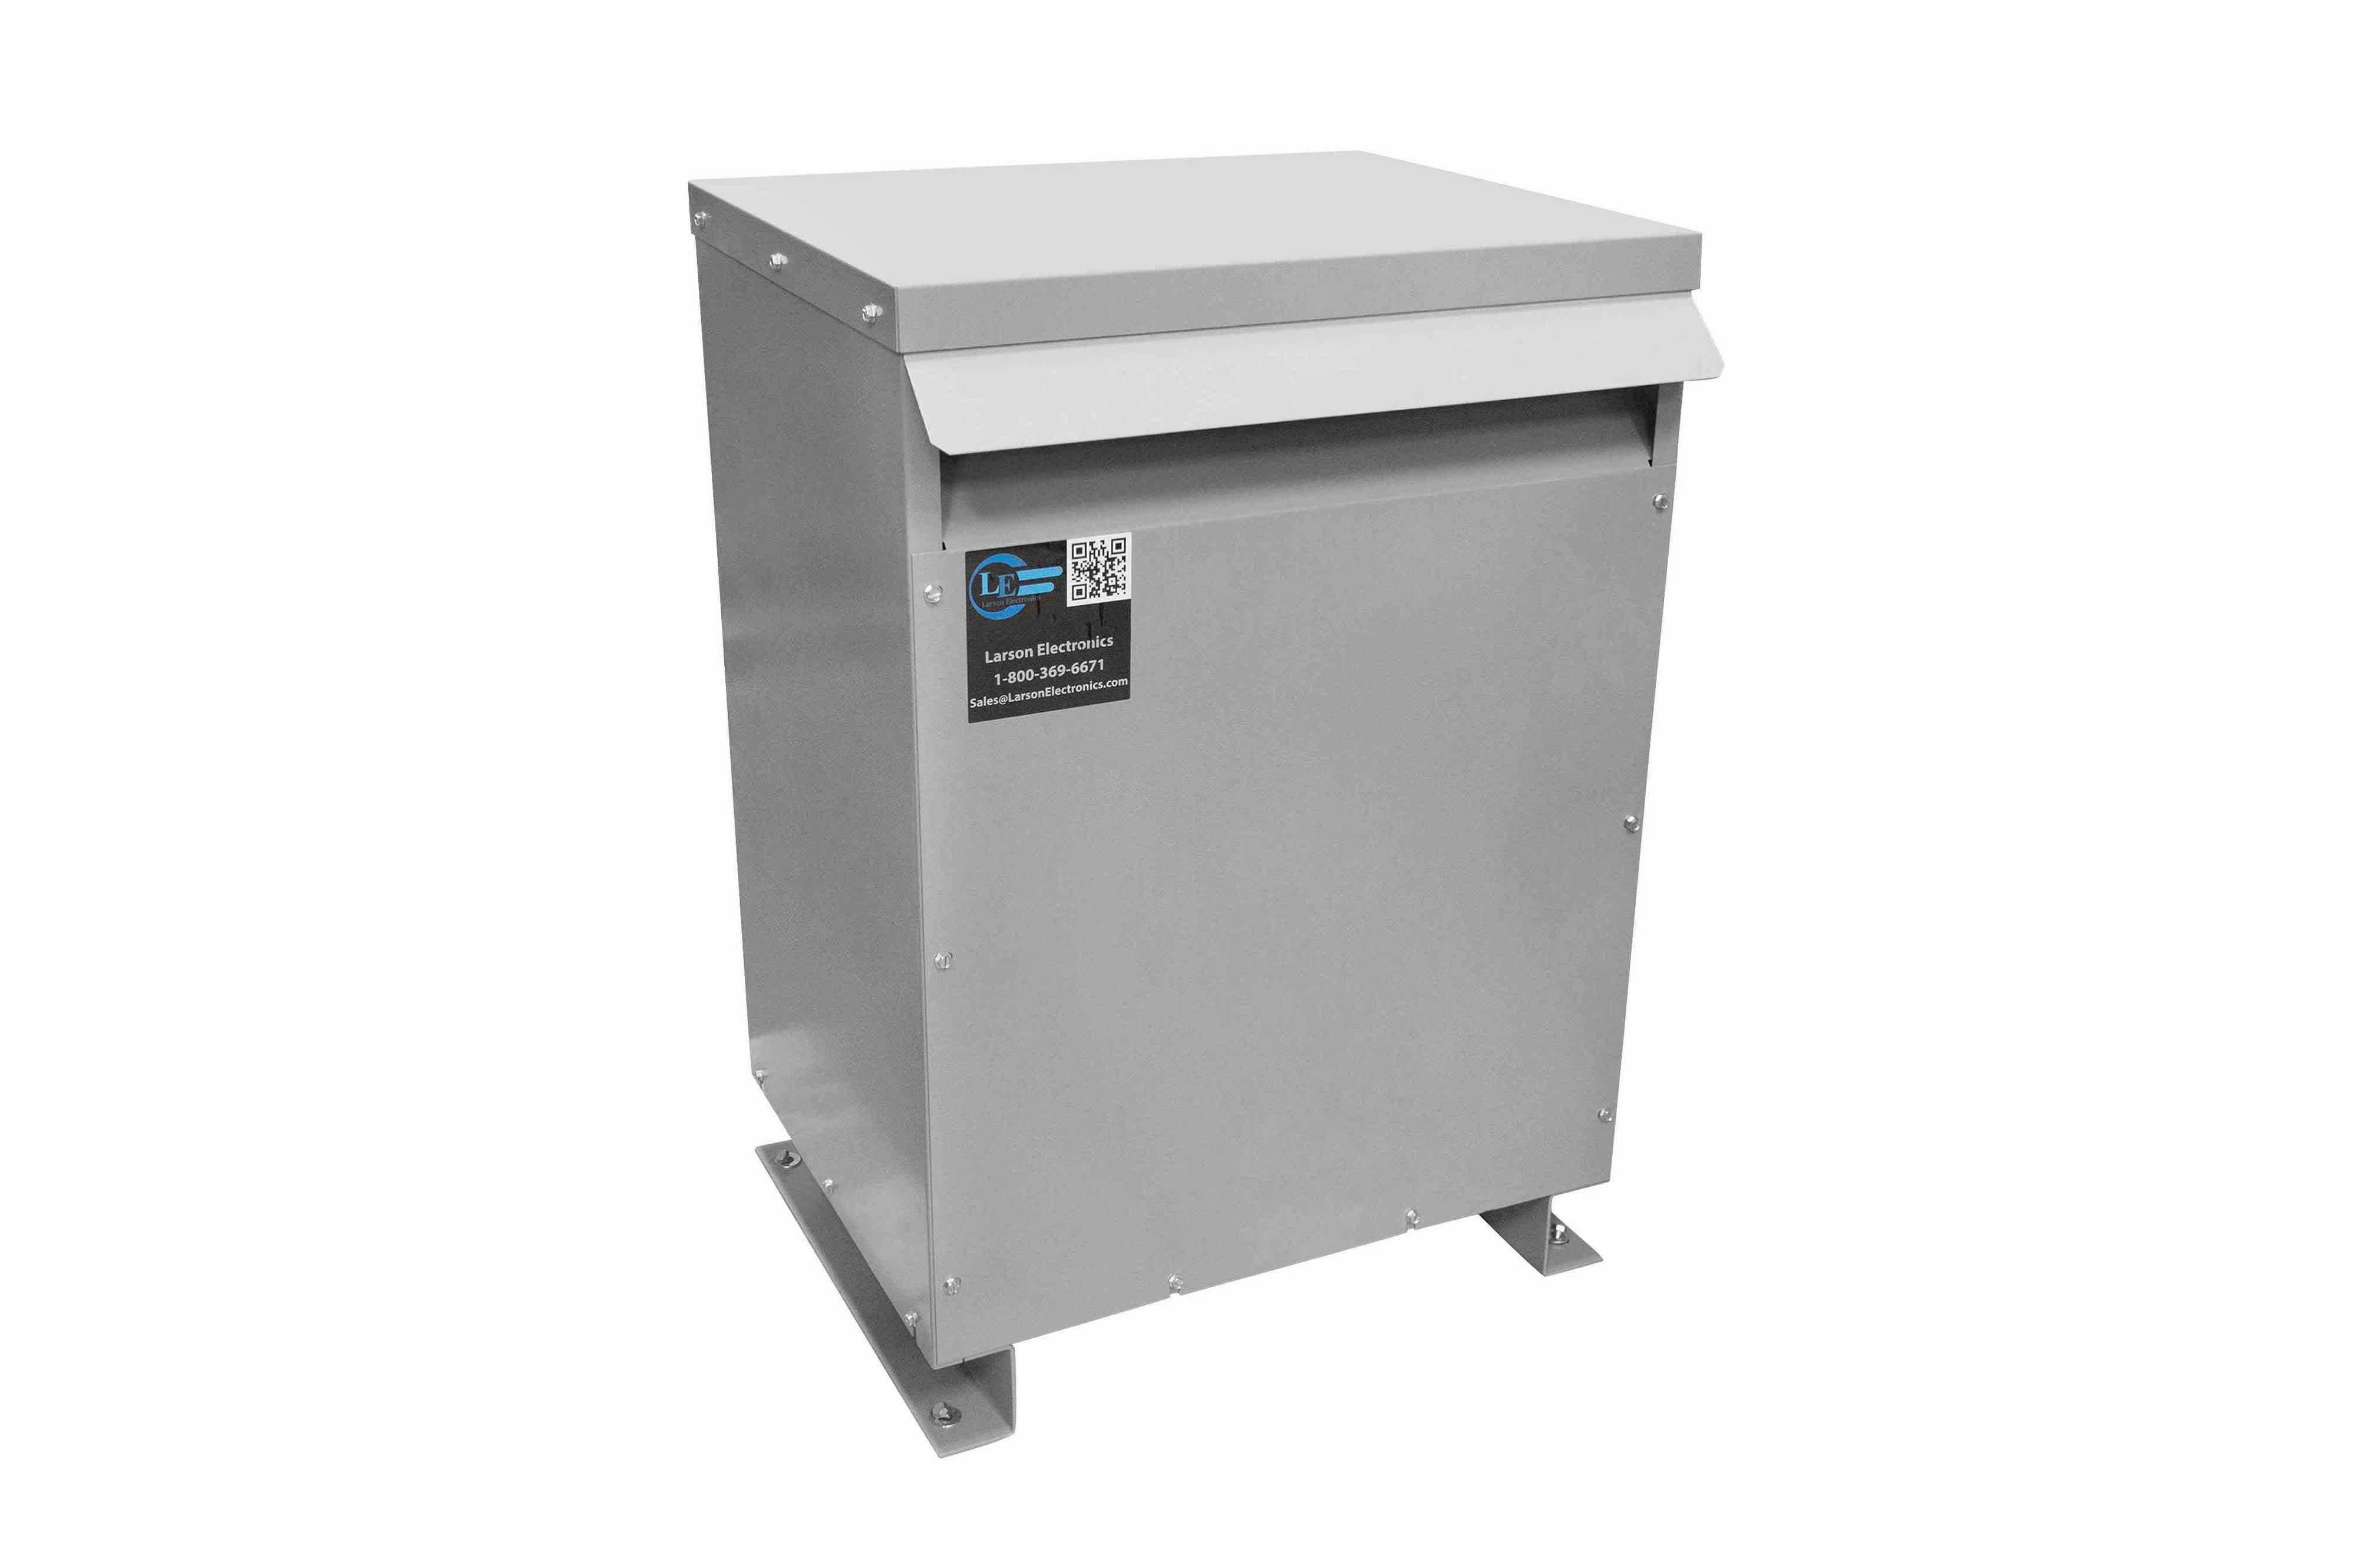 32.5 kVA 3PH Isolation Transformer, 480V Delta Primary, 600V Delta Secondary, N3R, Ventilated, 60 Hz